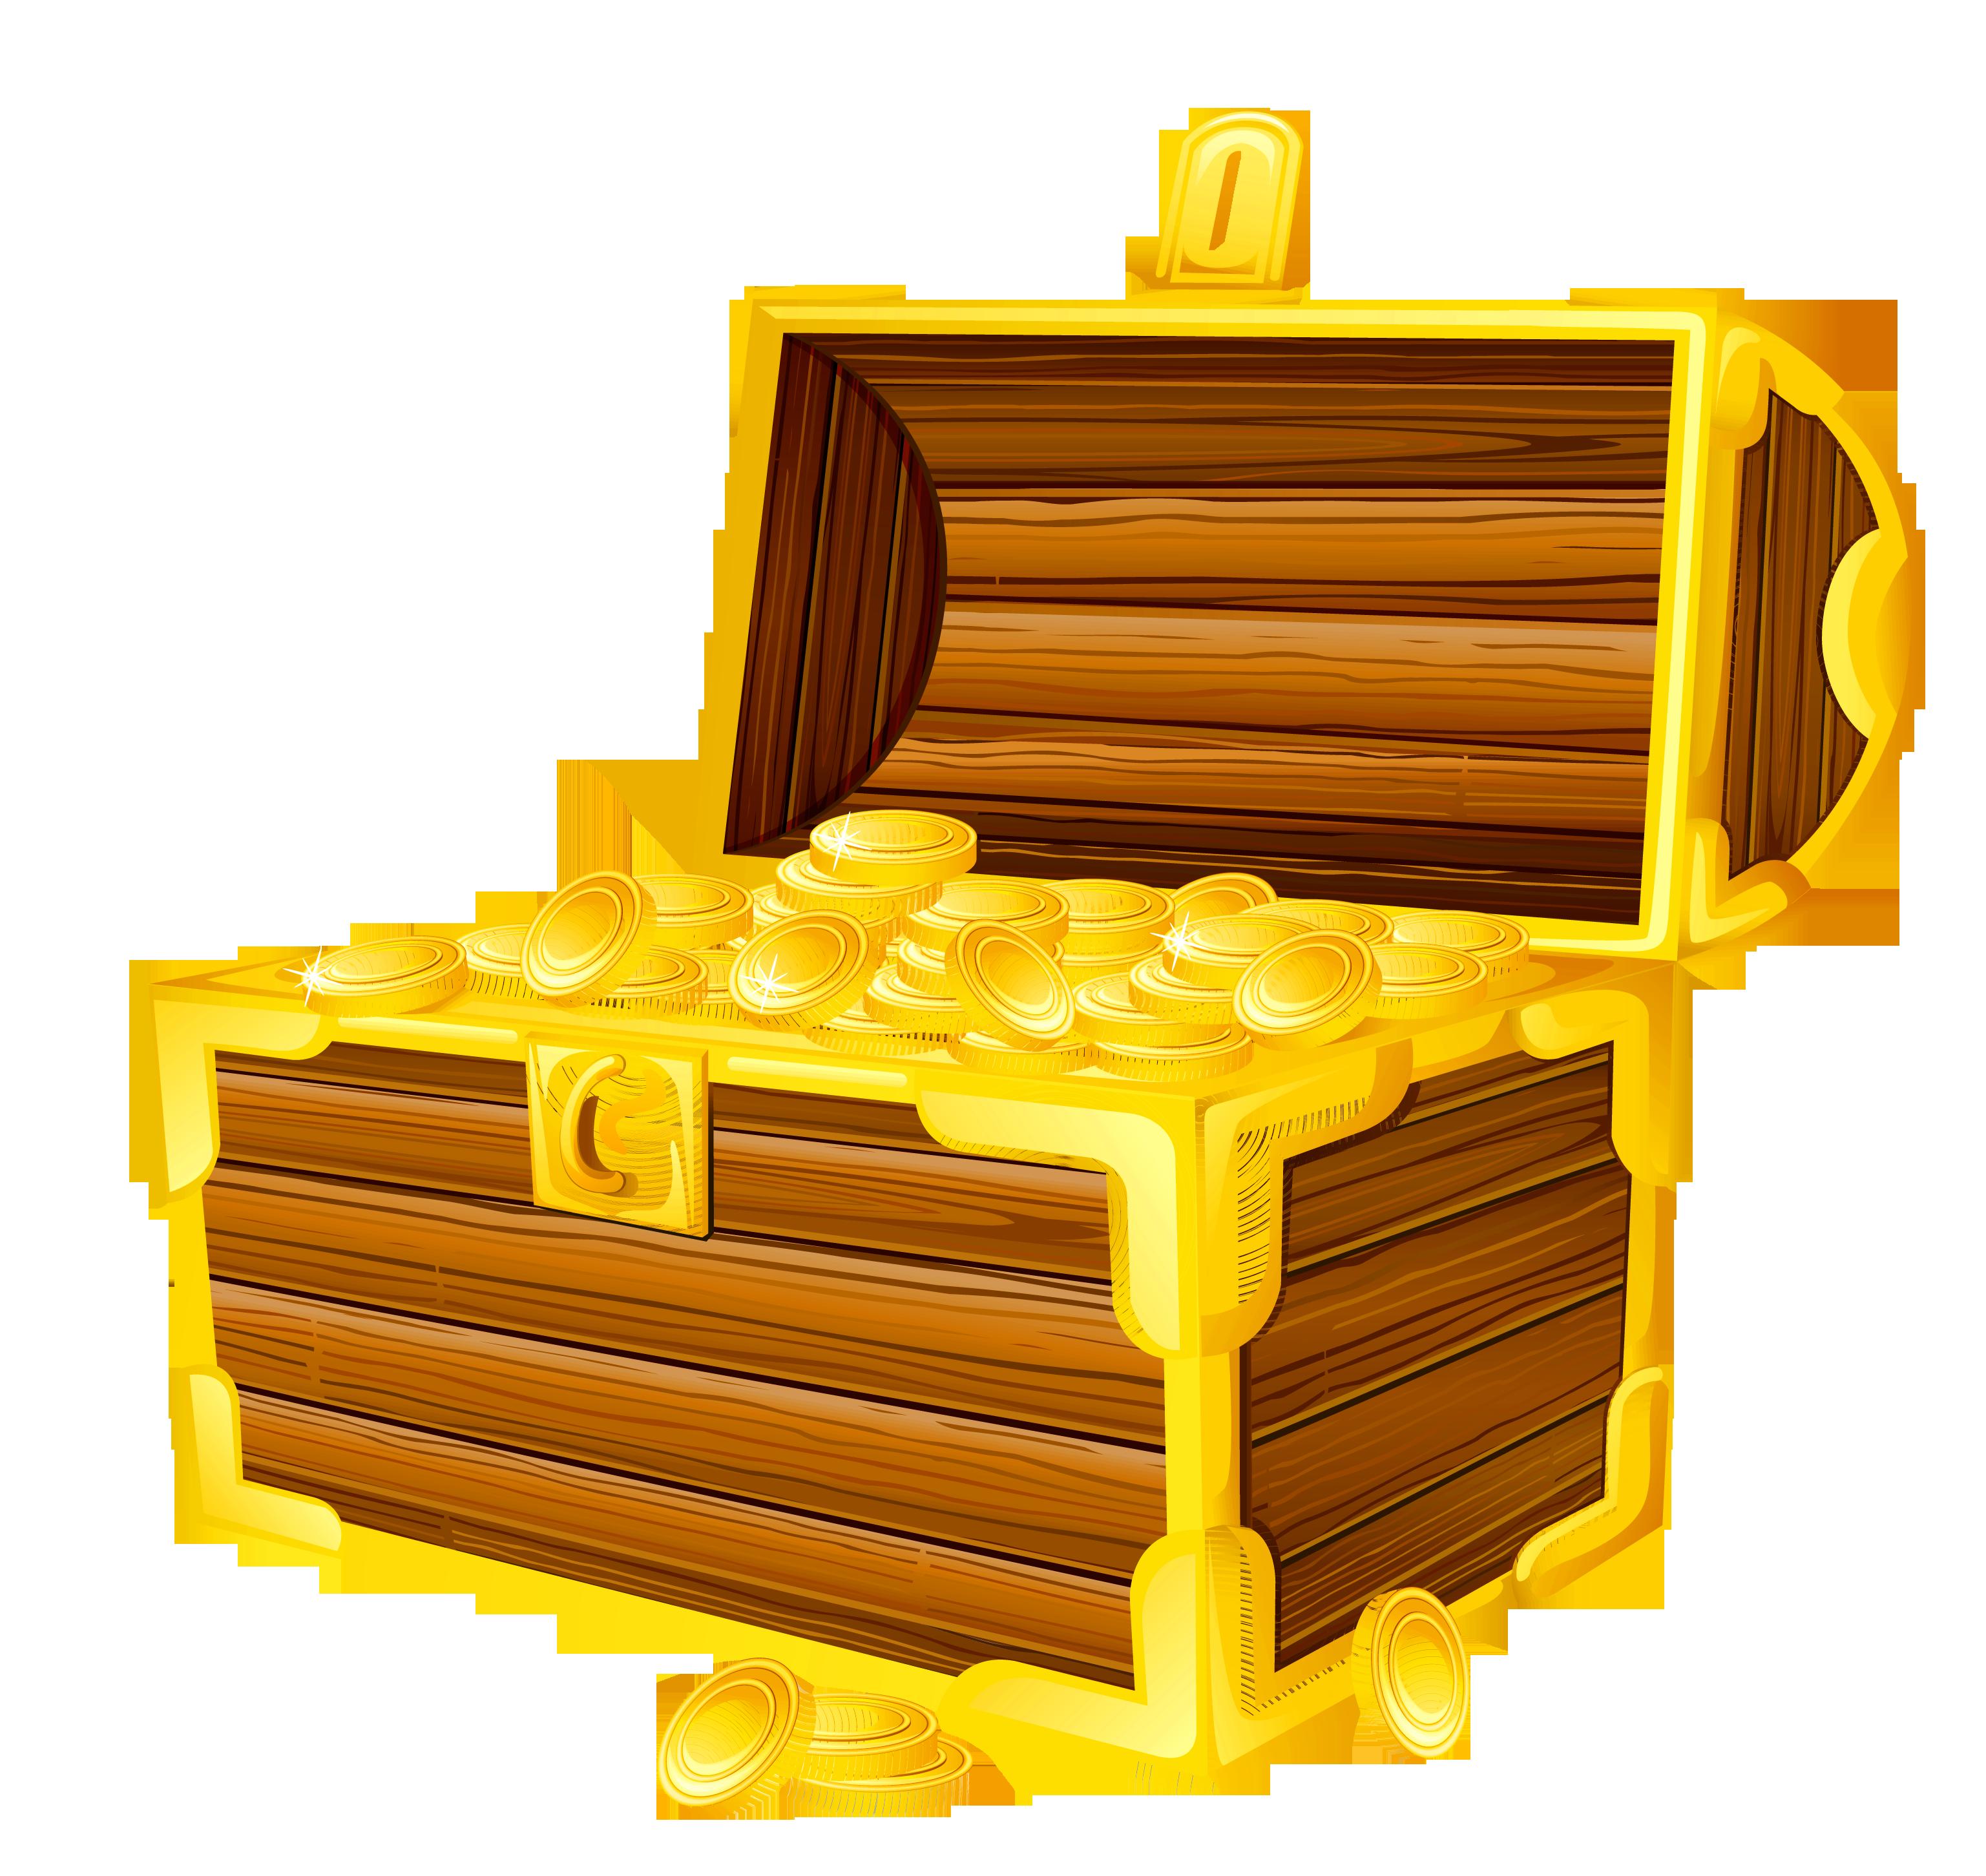 Treasure chest picture cliparts. Treasure chest image clipart